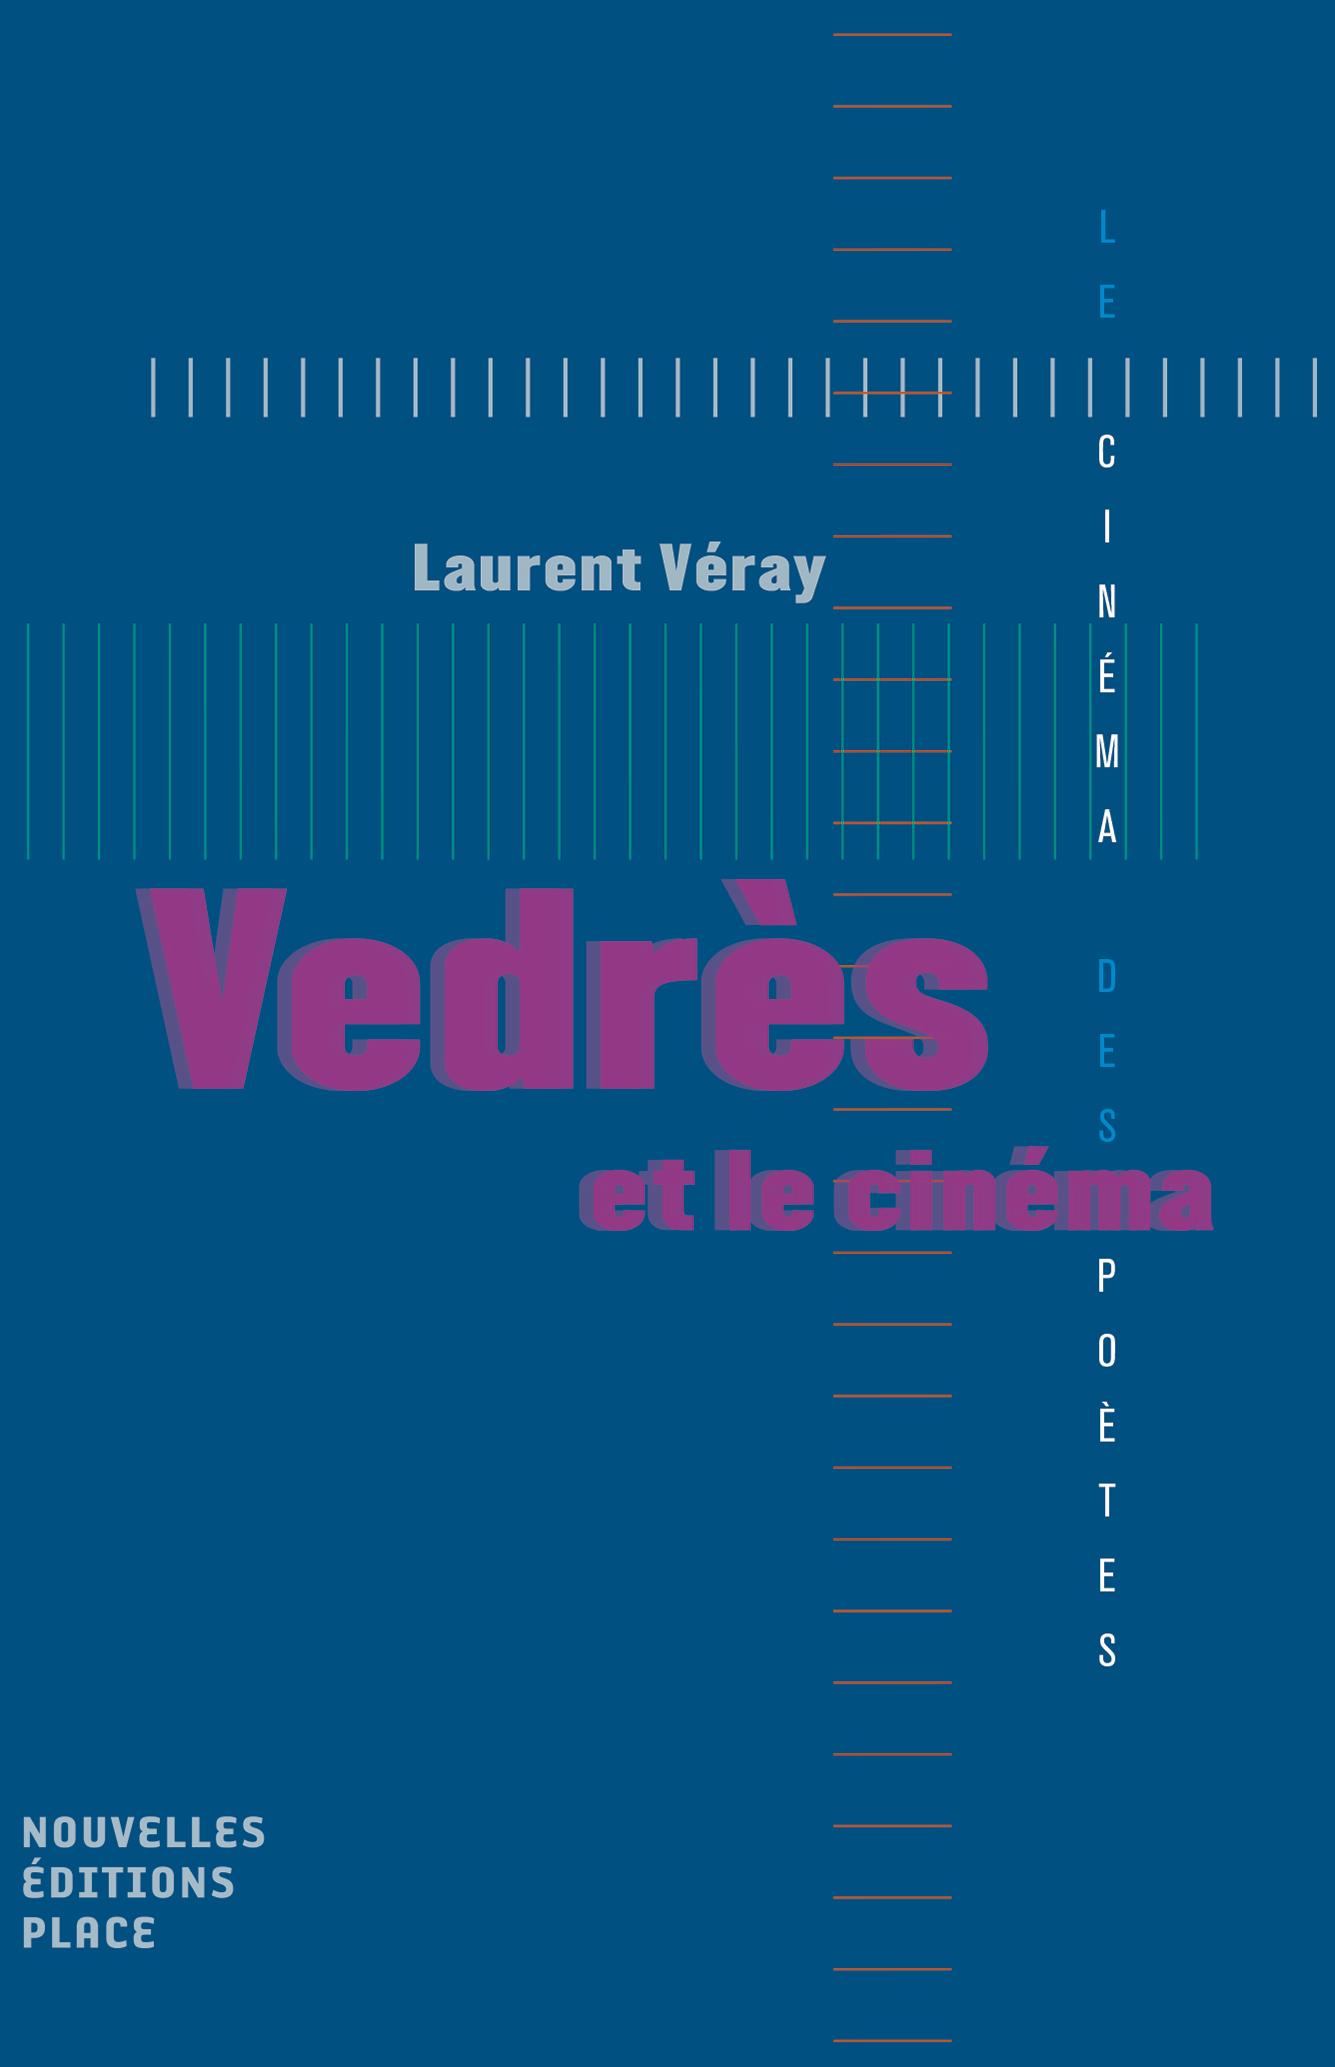 Vedrès et le cinéma Collection « Le cinéma des poètes » Les nouvelles éditions Jean-Michel Place